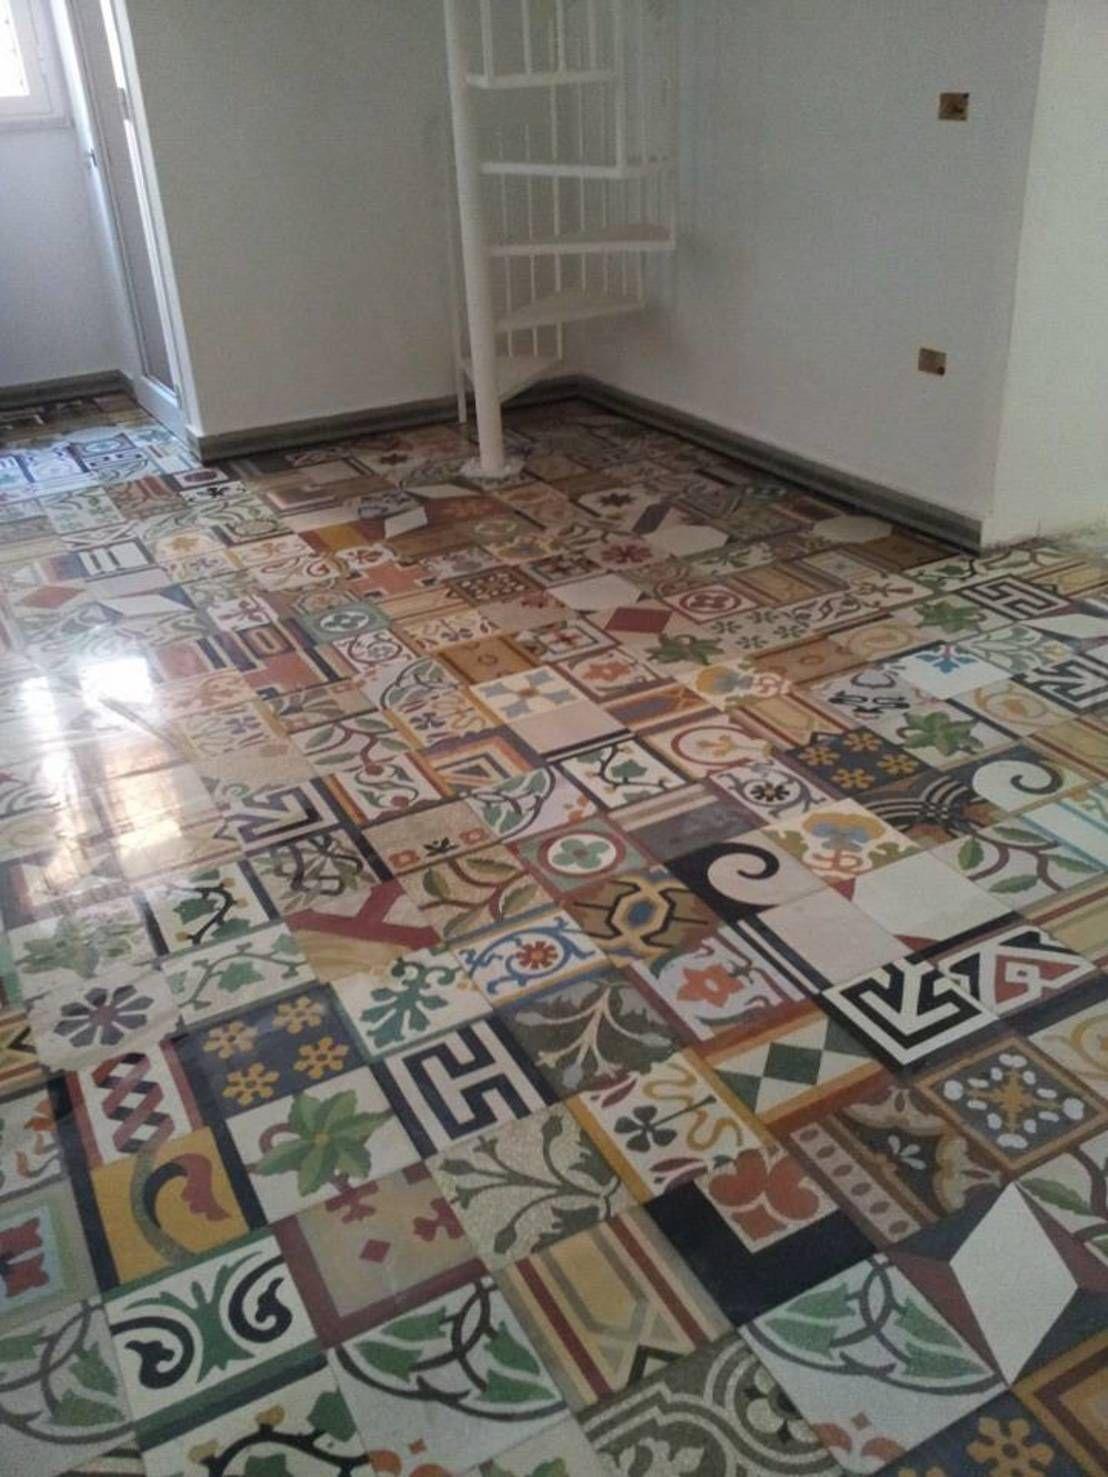 Cementine nel 2019 cementine pastine di cemento baldosas cement tiles piso tiles wooden - Piastrelle decorate per pavimenti ...